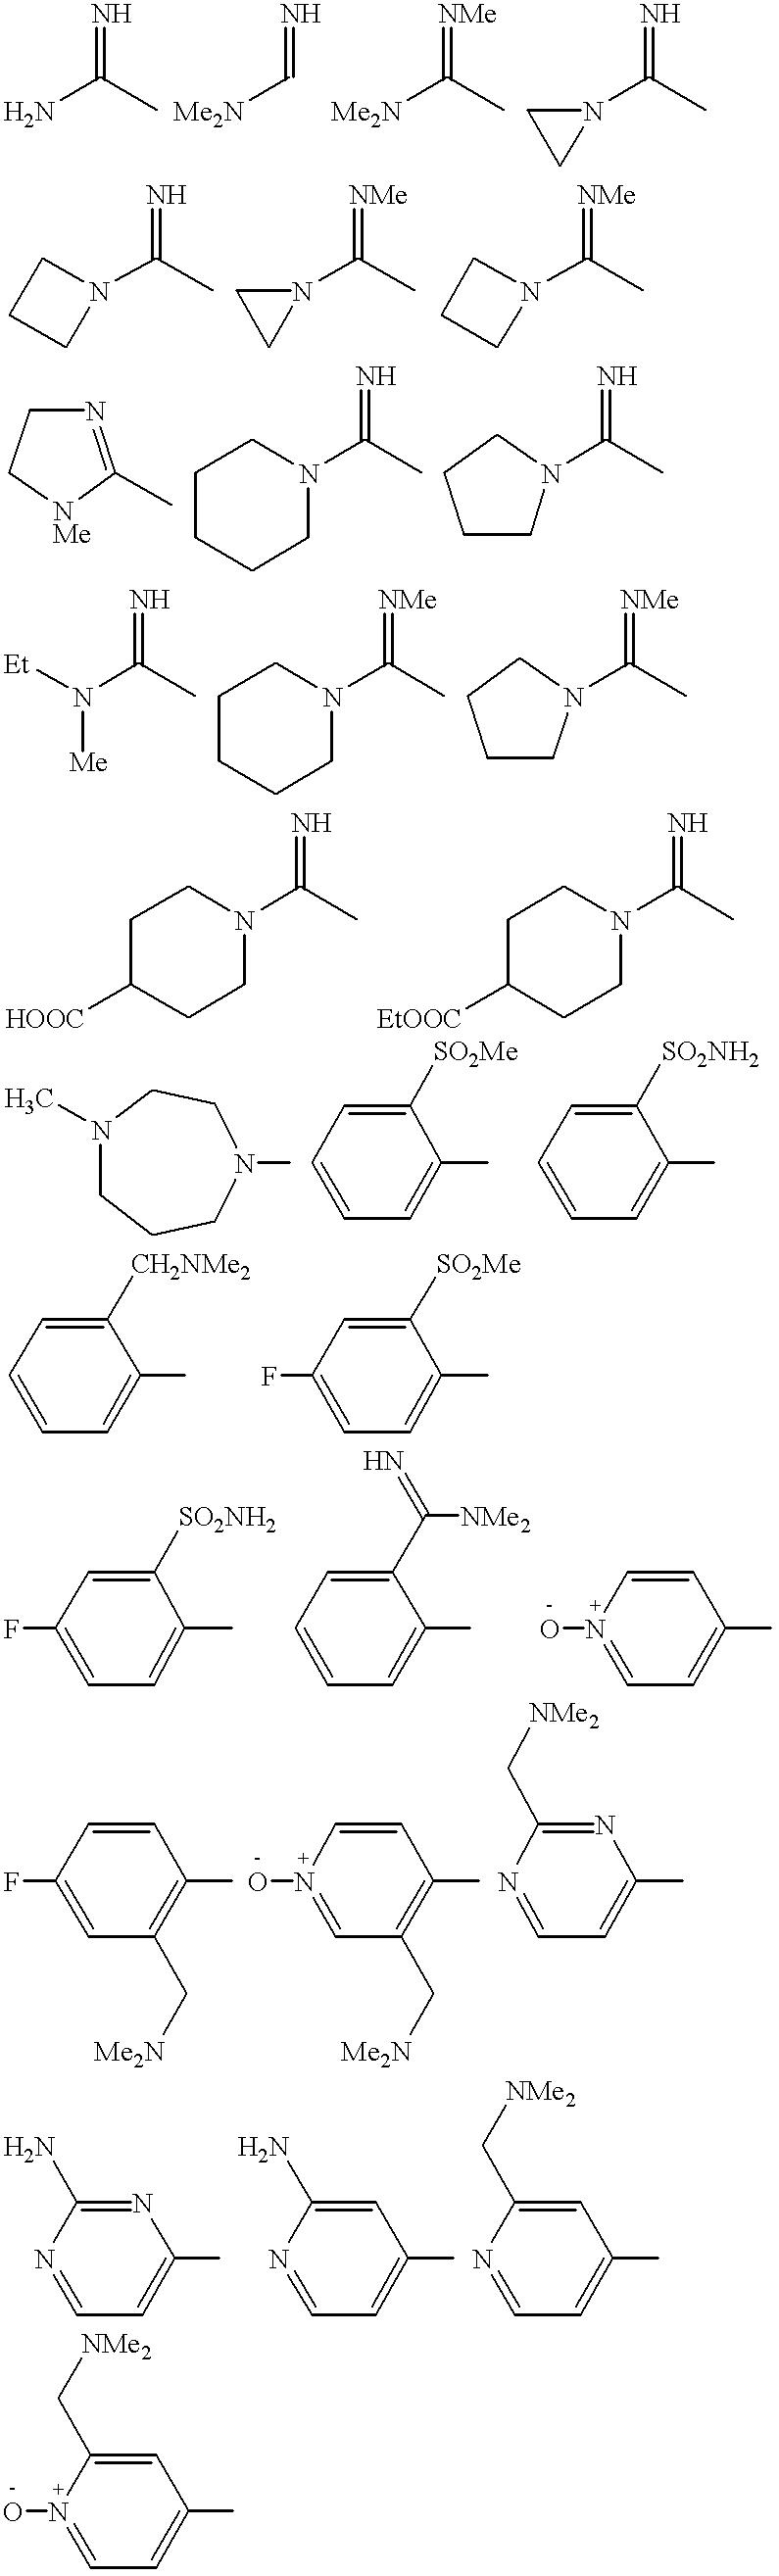 Figure US06376515-20020423-C00231